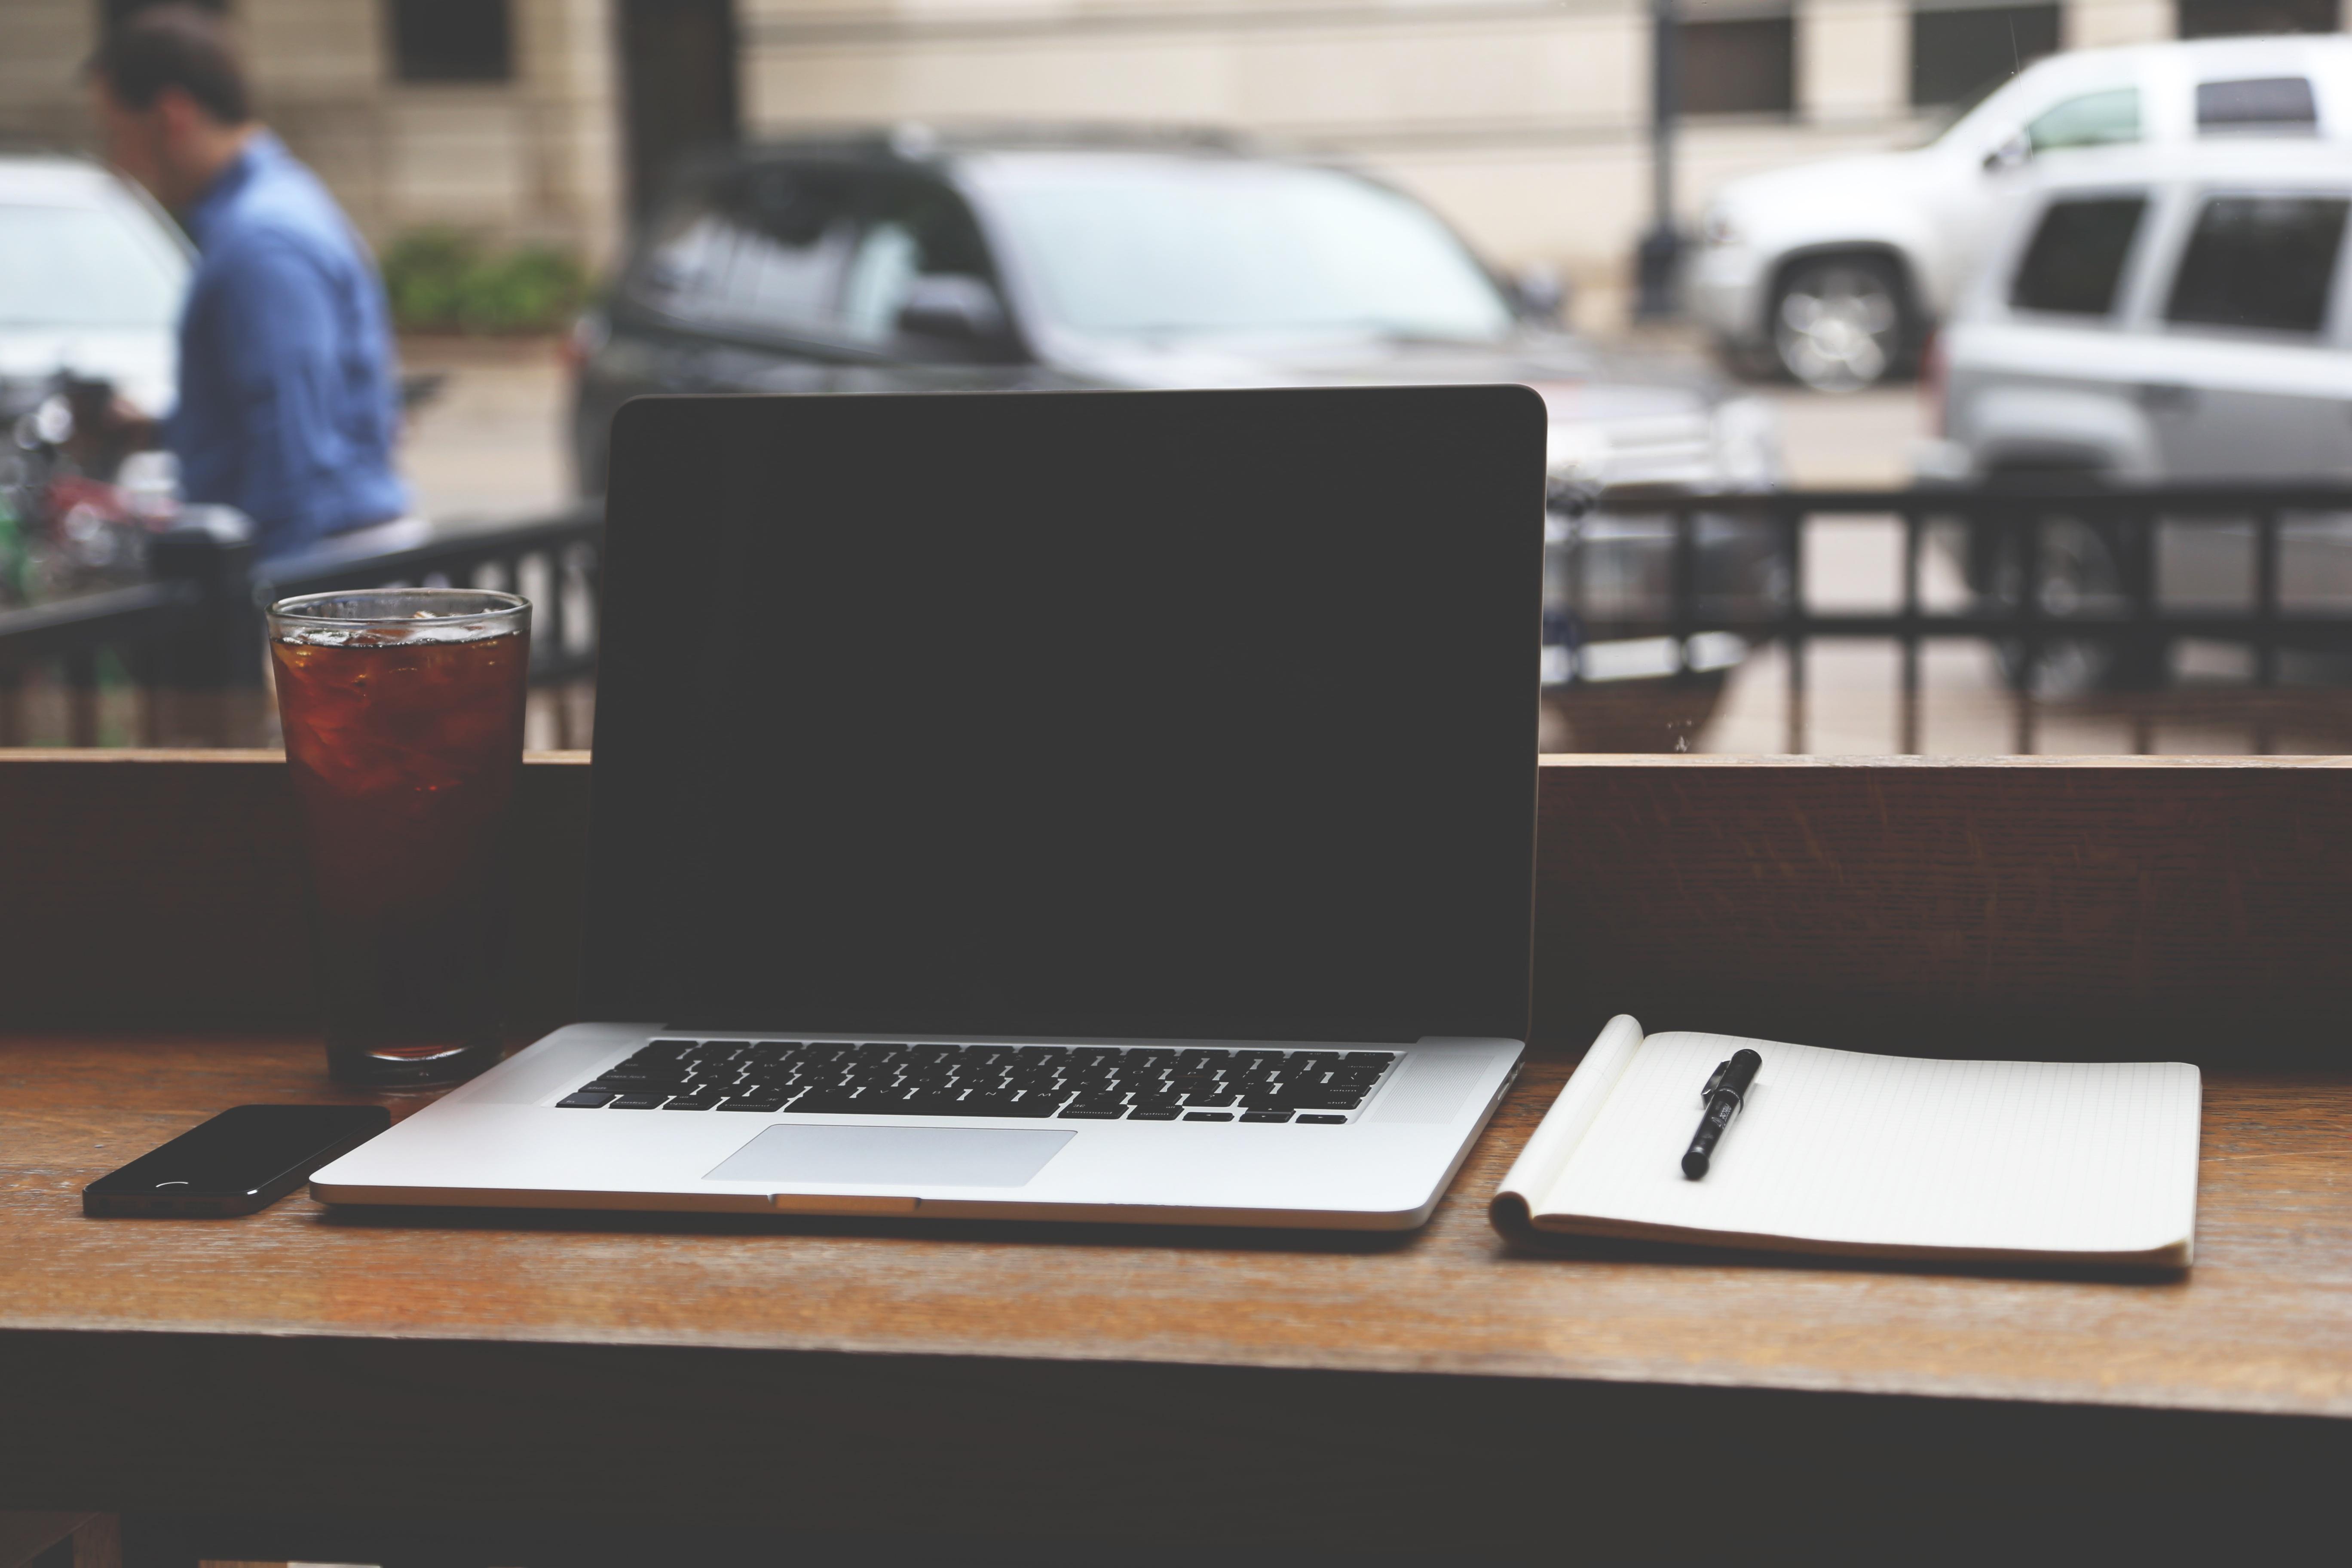 Computer Kreativ Büro Geschäft Modern Innenministerium Anfang Entwurf  Anzeigen Planen Unternehmen Laptops Notizbücher Anfang Personal Computer